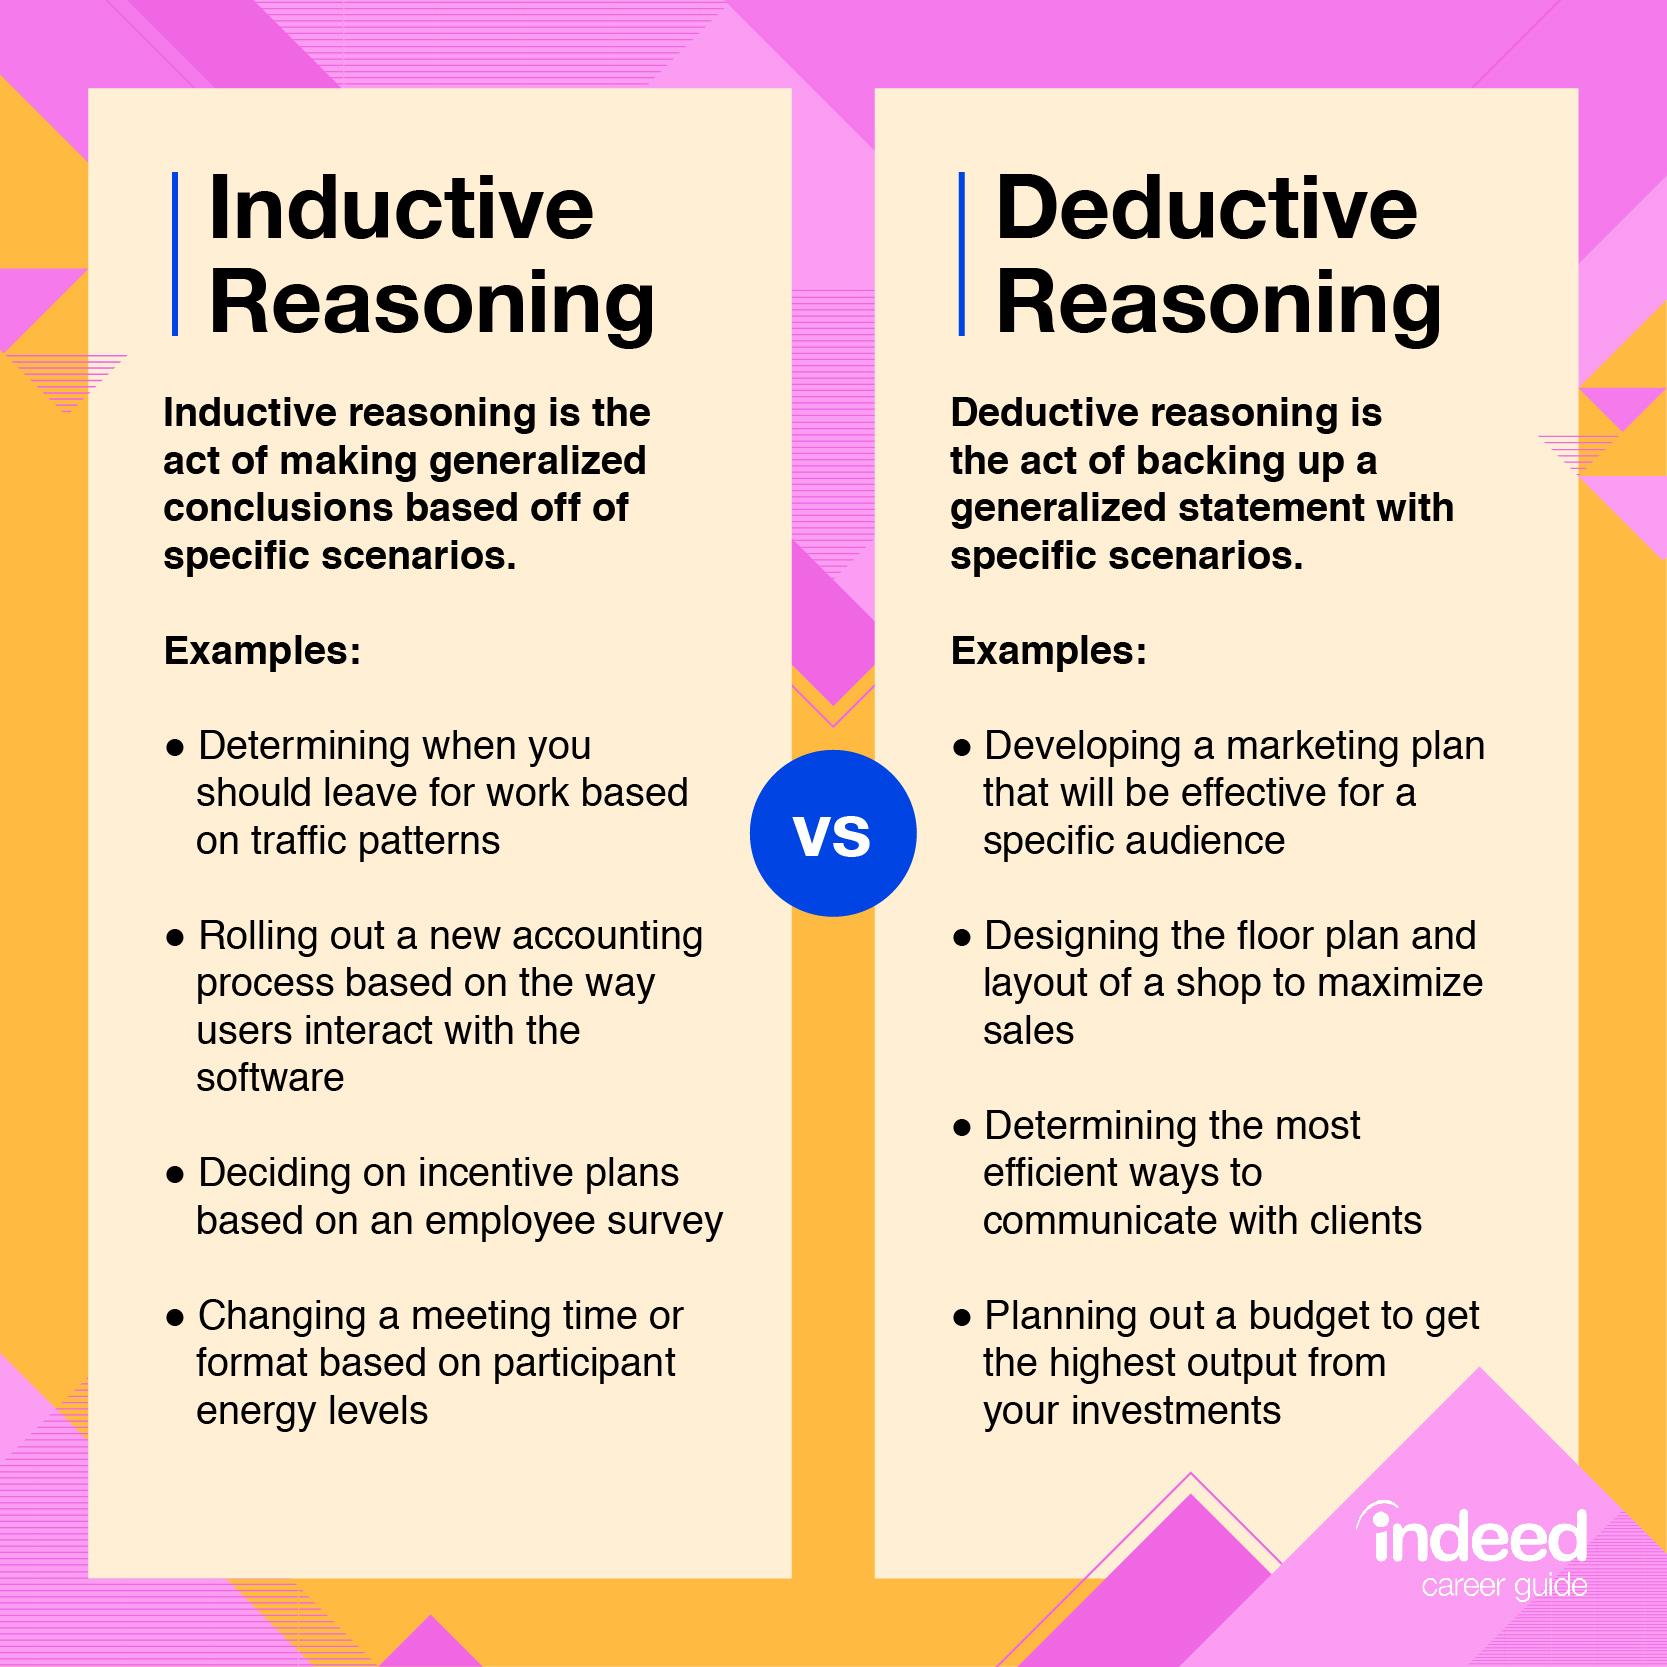 Inductive vs. Deductive